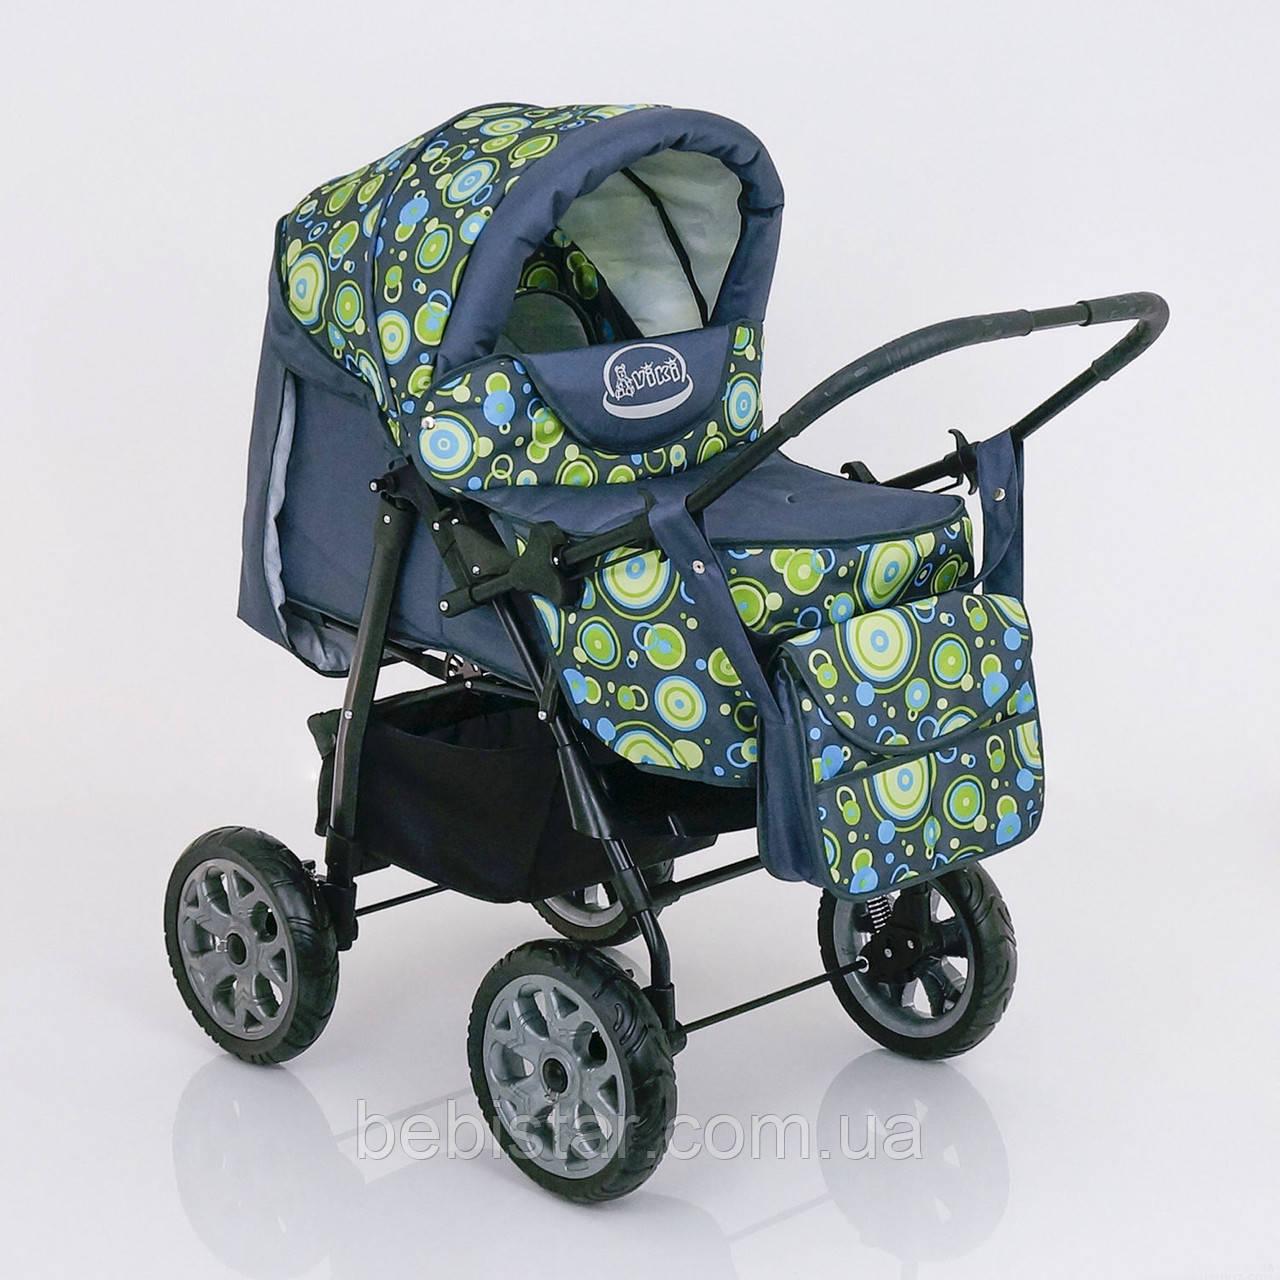 Детская коляска-трансформер зеленая абстракция Viki 86 Karina деткам от рождения до 3 лет